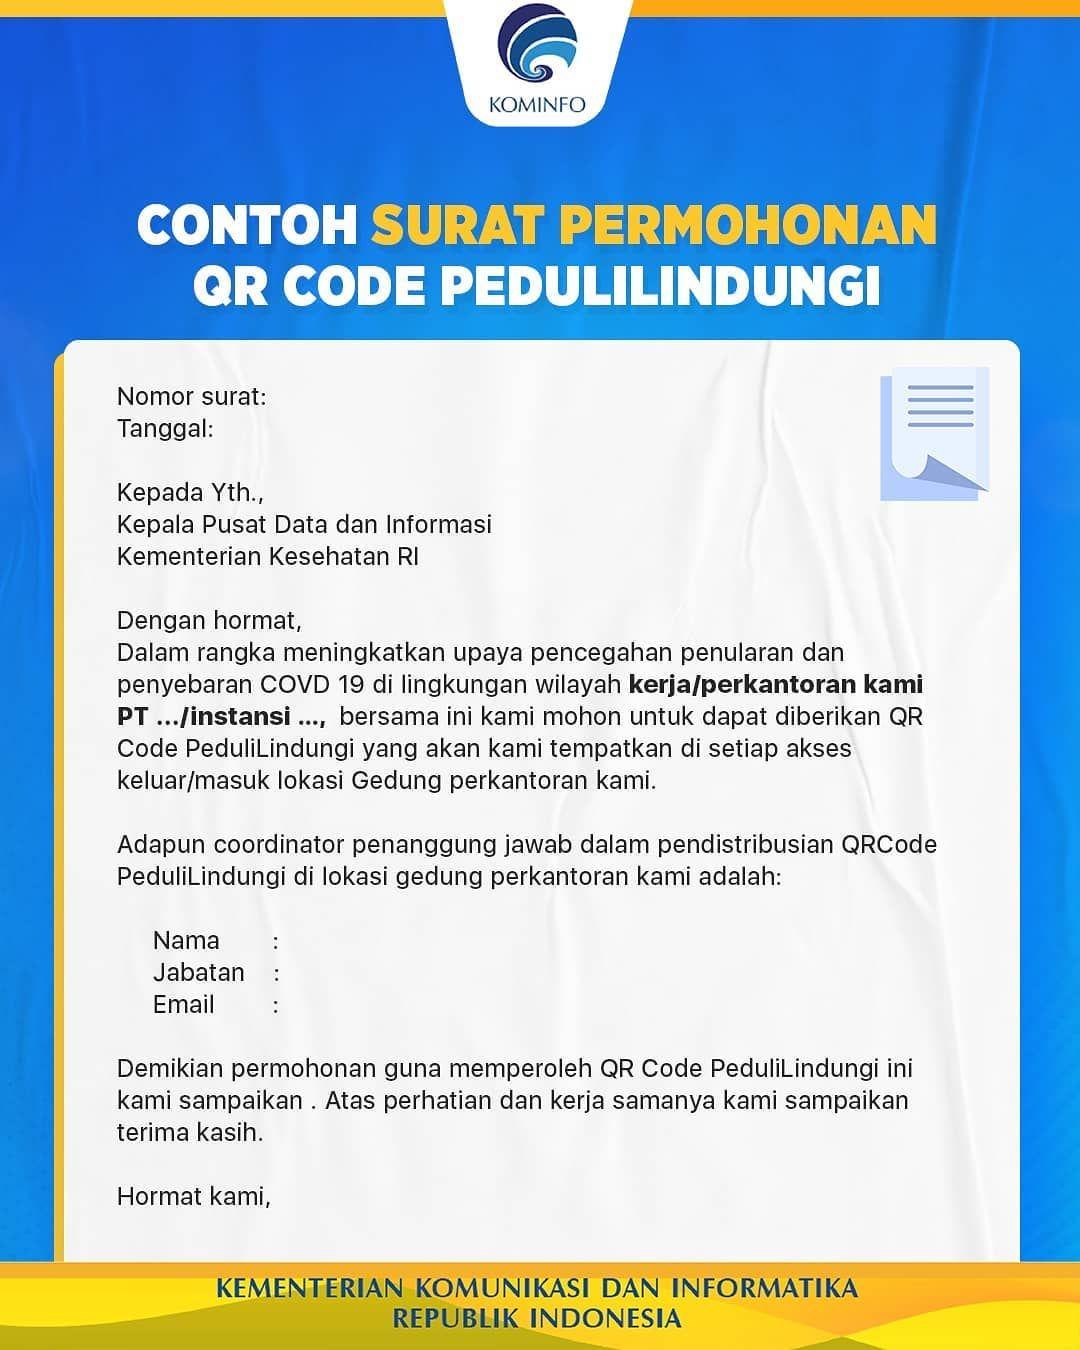 Contoh surat permohonan QR Code PeduliLindungi